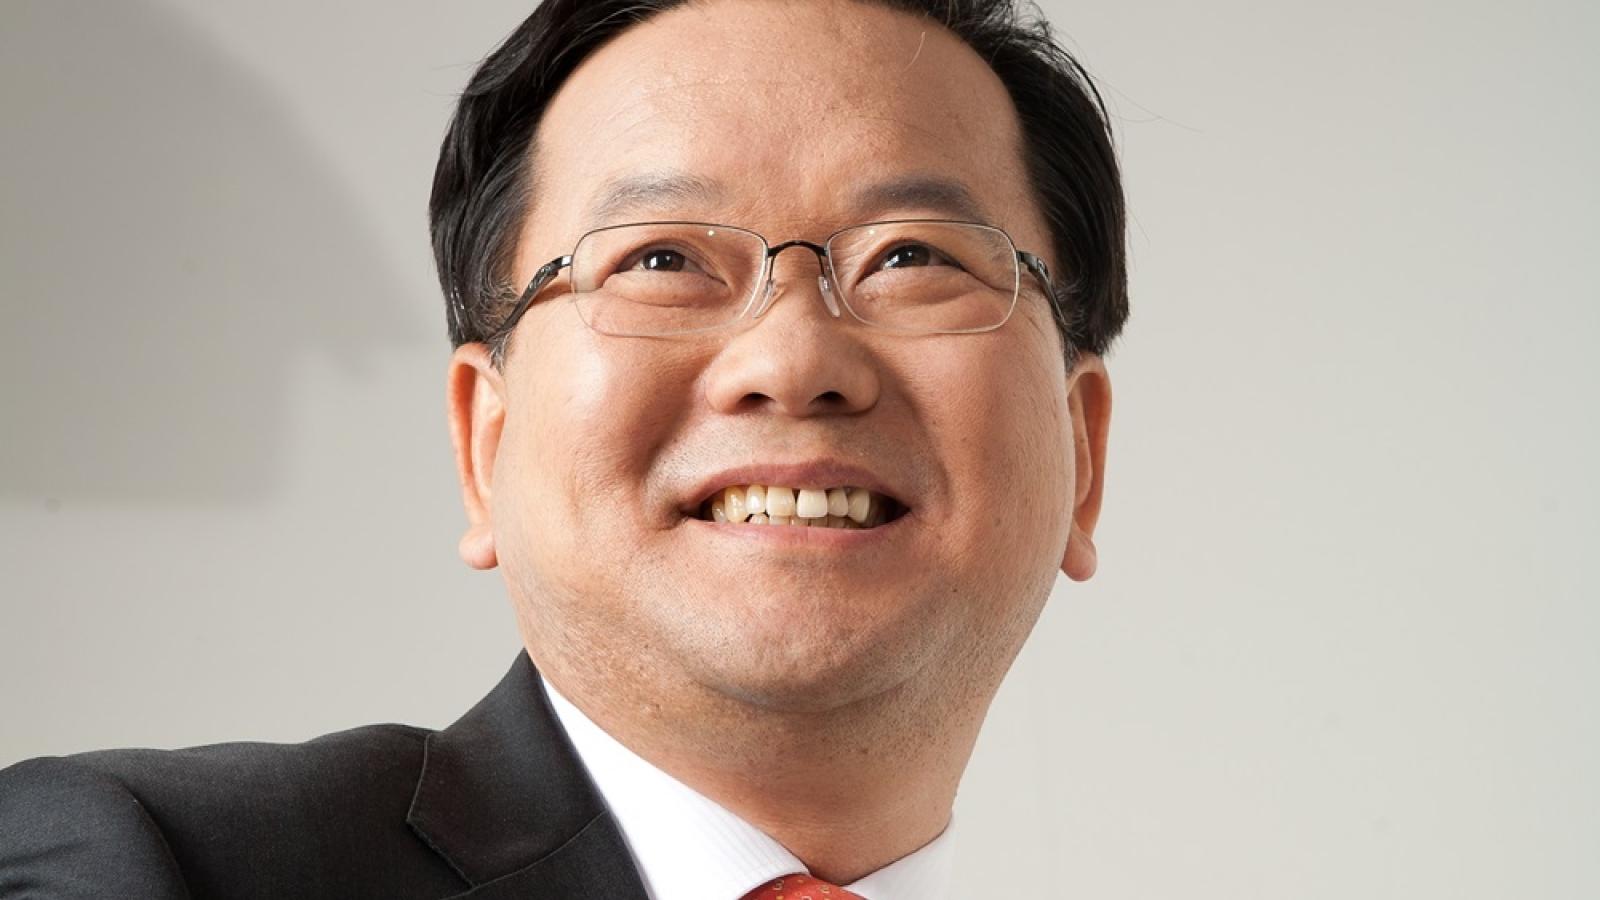 Tổng thống Hàn Quốc phê chuẩn các vị trí chủ chốt trong nội các, tân Thủ tướng nhậm chức